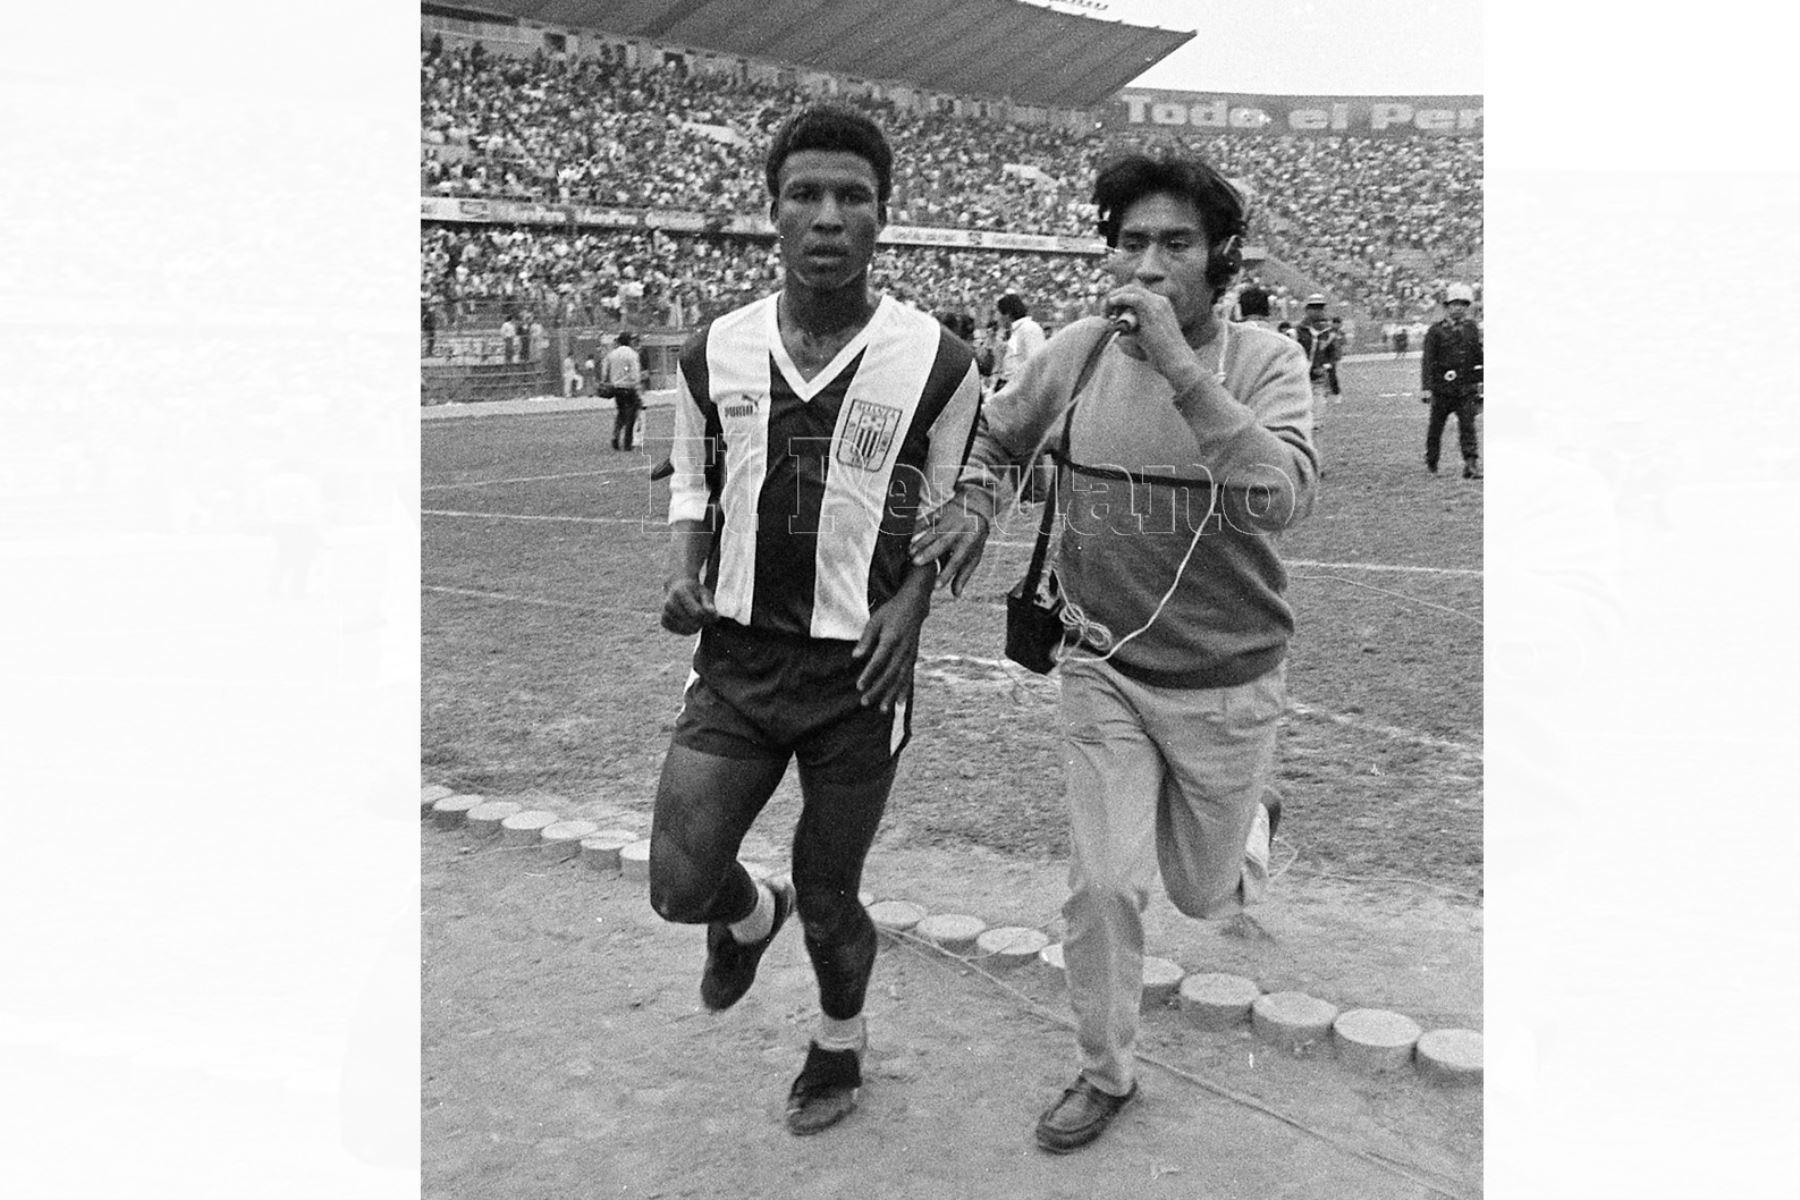 """Lima - 1 noviembre 1987 / El delantero aliancista Luis Escobar fue figura  en el encuentro entre Alianza Lima y Universitario. El cuadro aliancista ganó el clásico 1-0 con gol del """"Potrillo""""."""